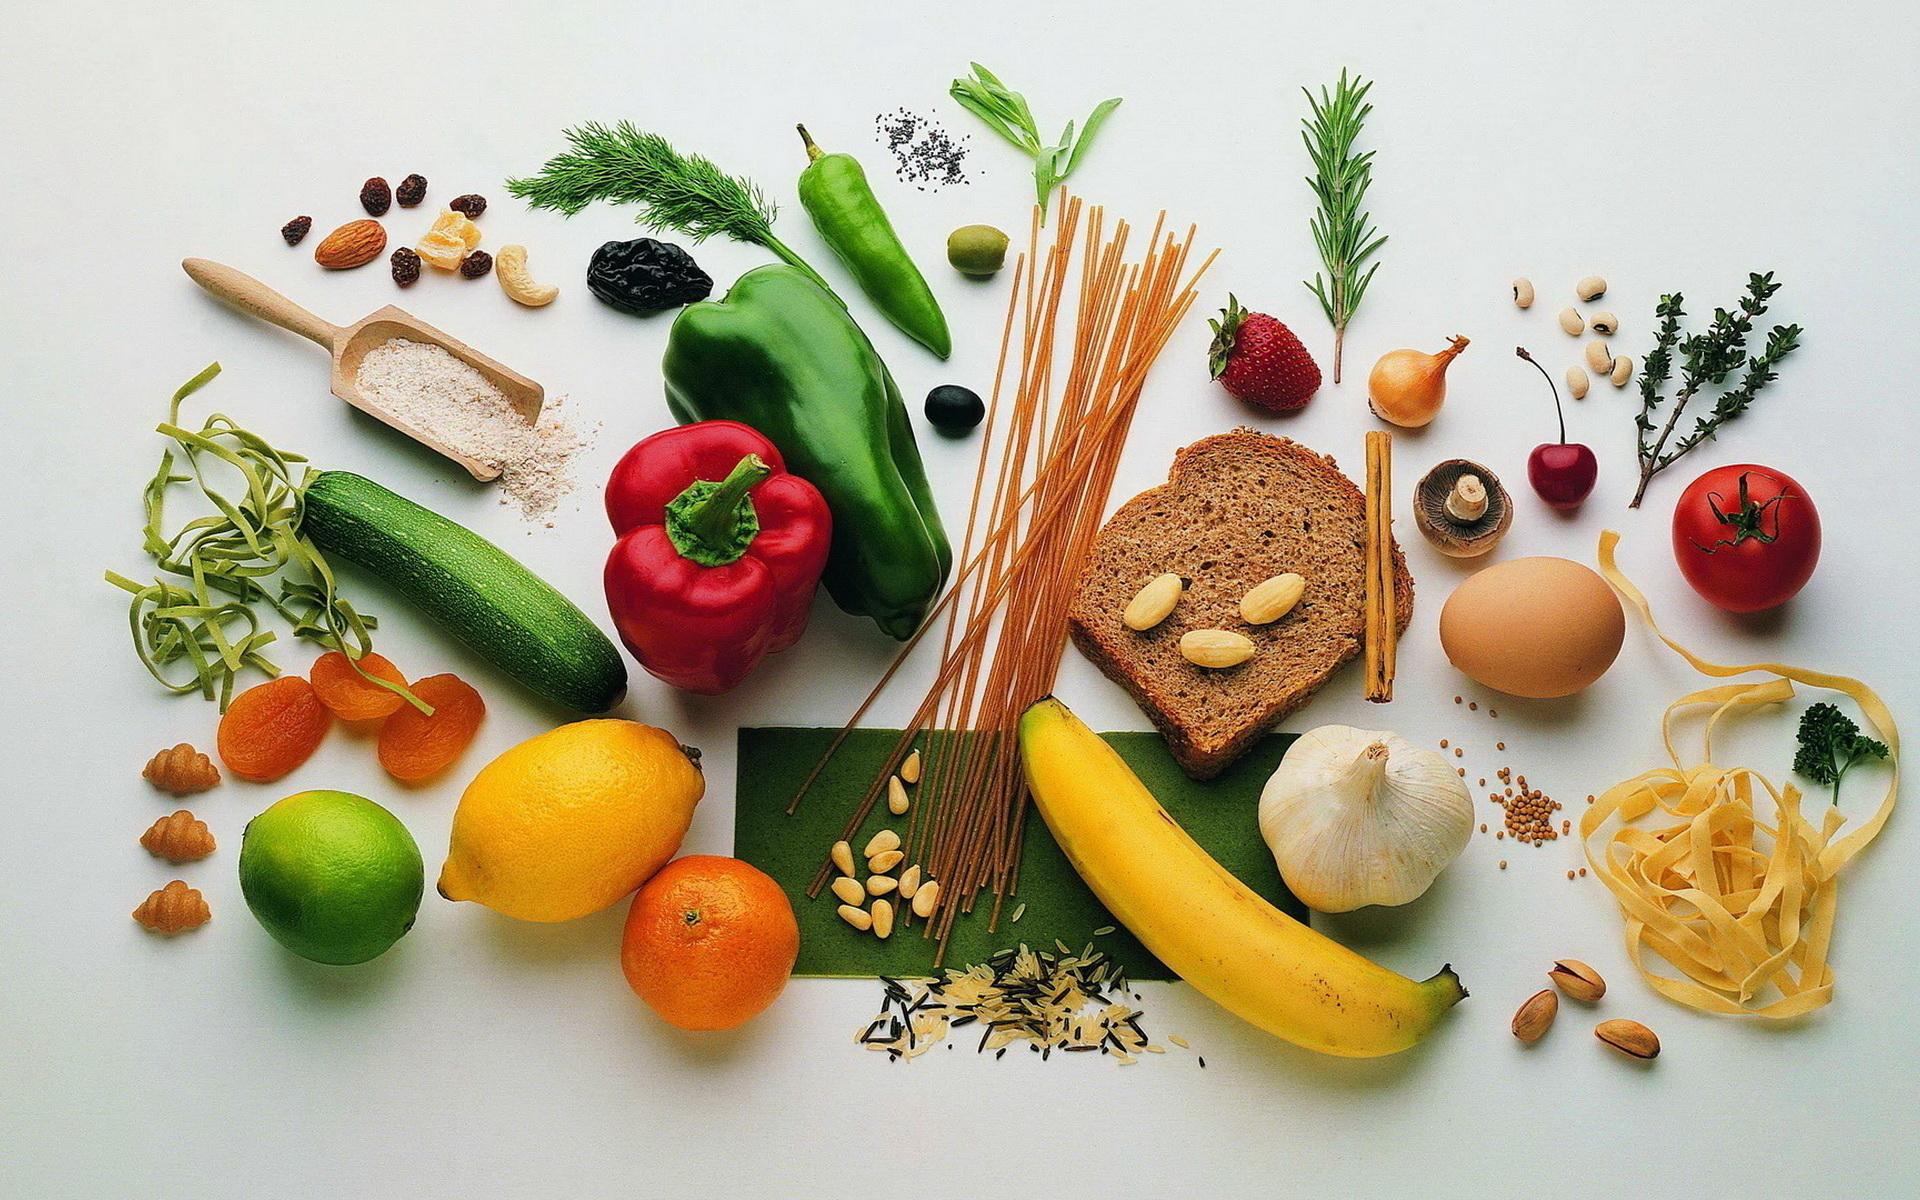 кремлевская диета - продукты